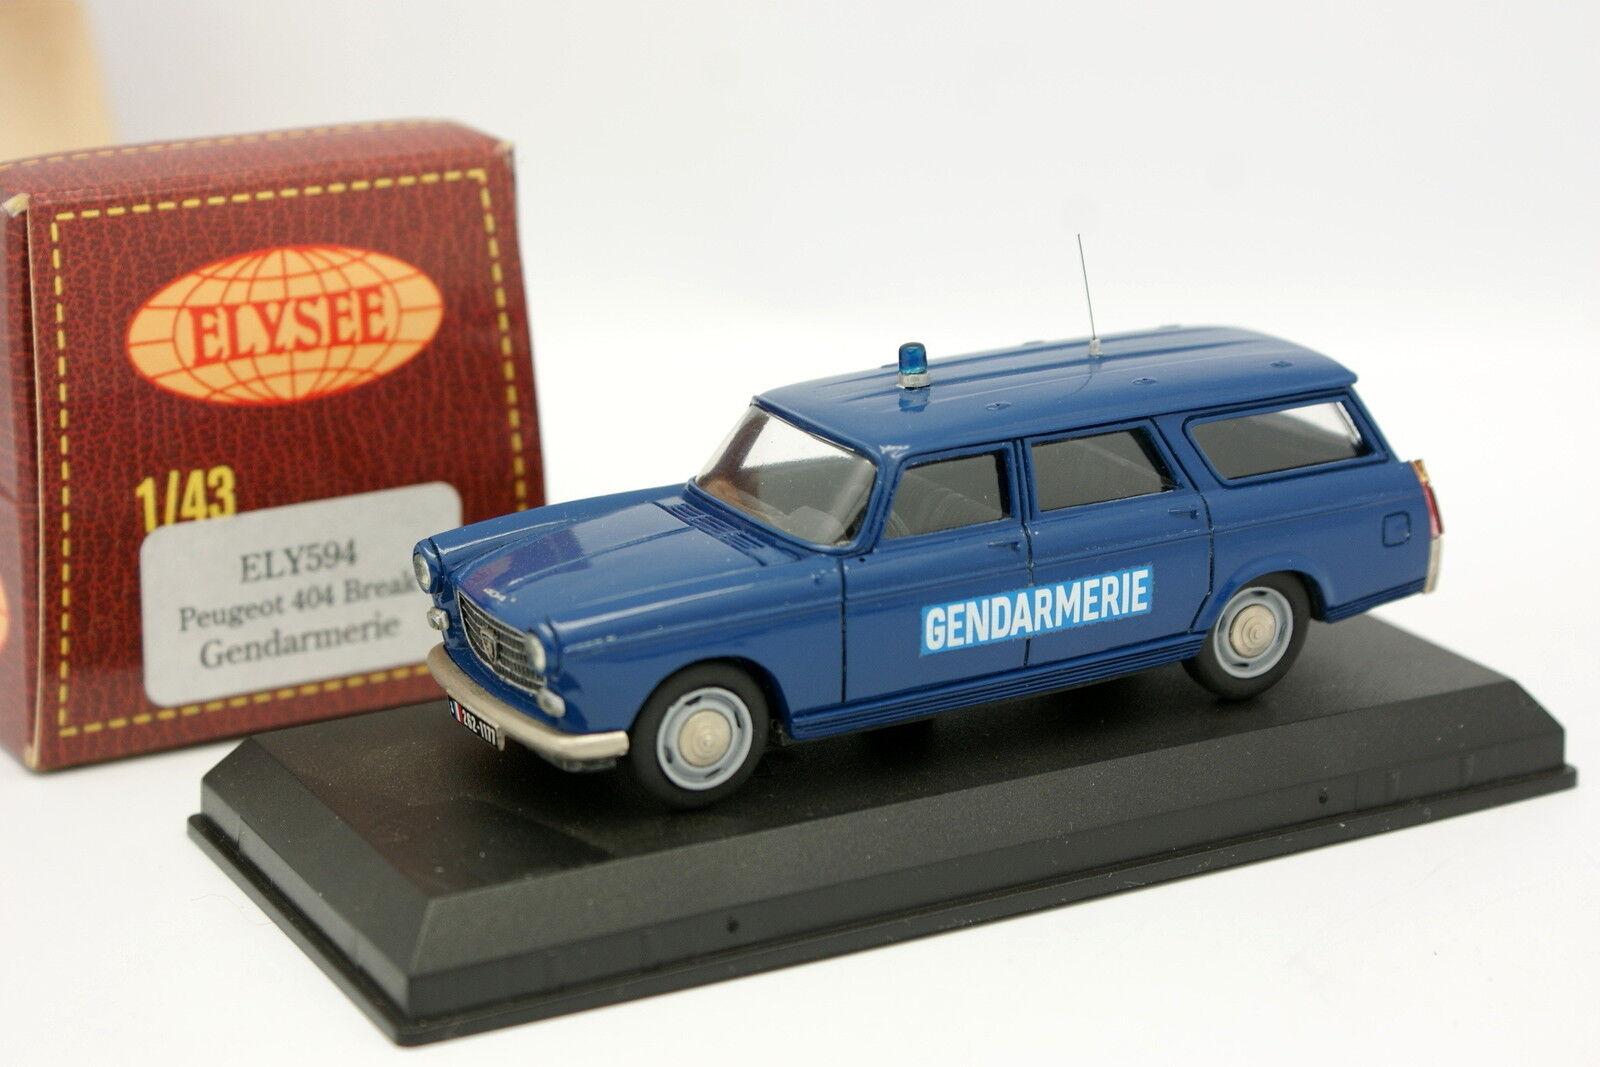 Elysee 1 43 - Peugeot 404 Break Gendarmería